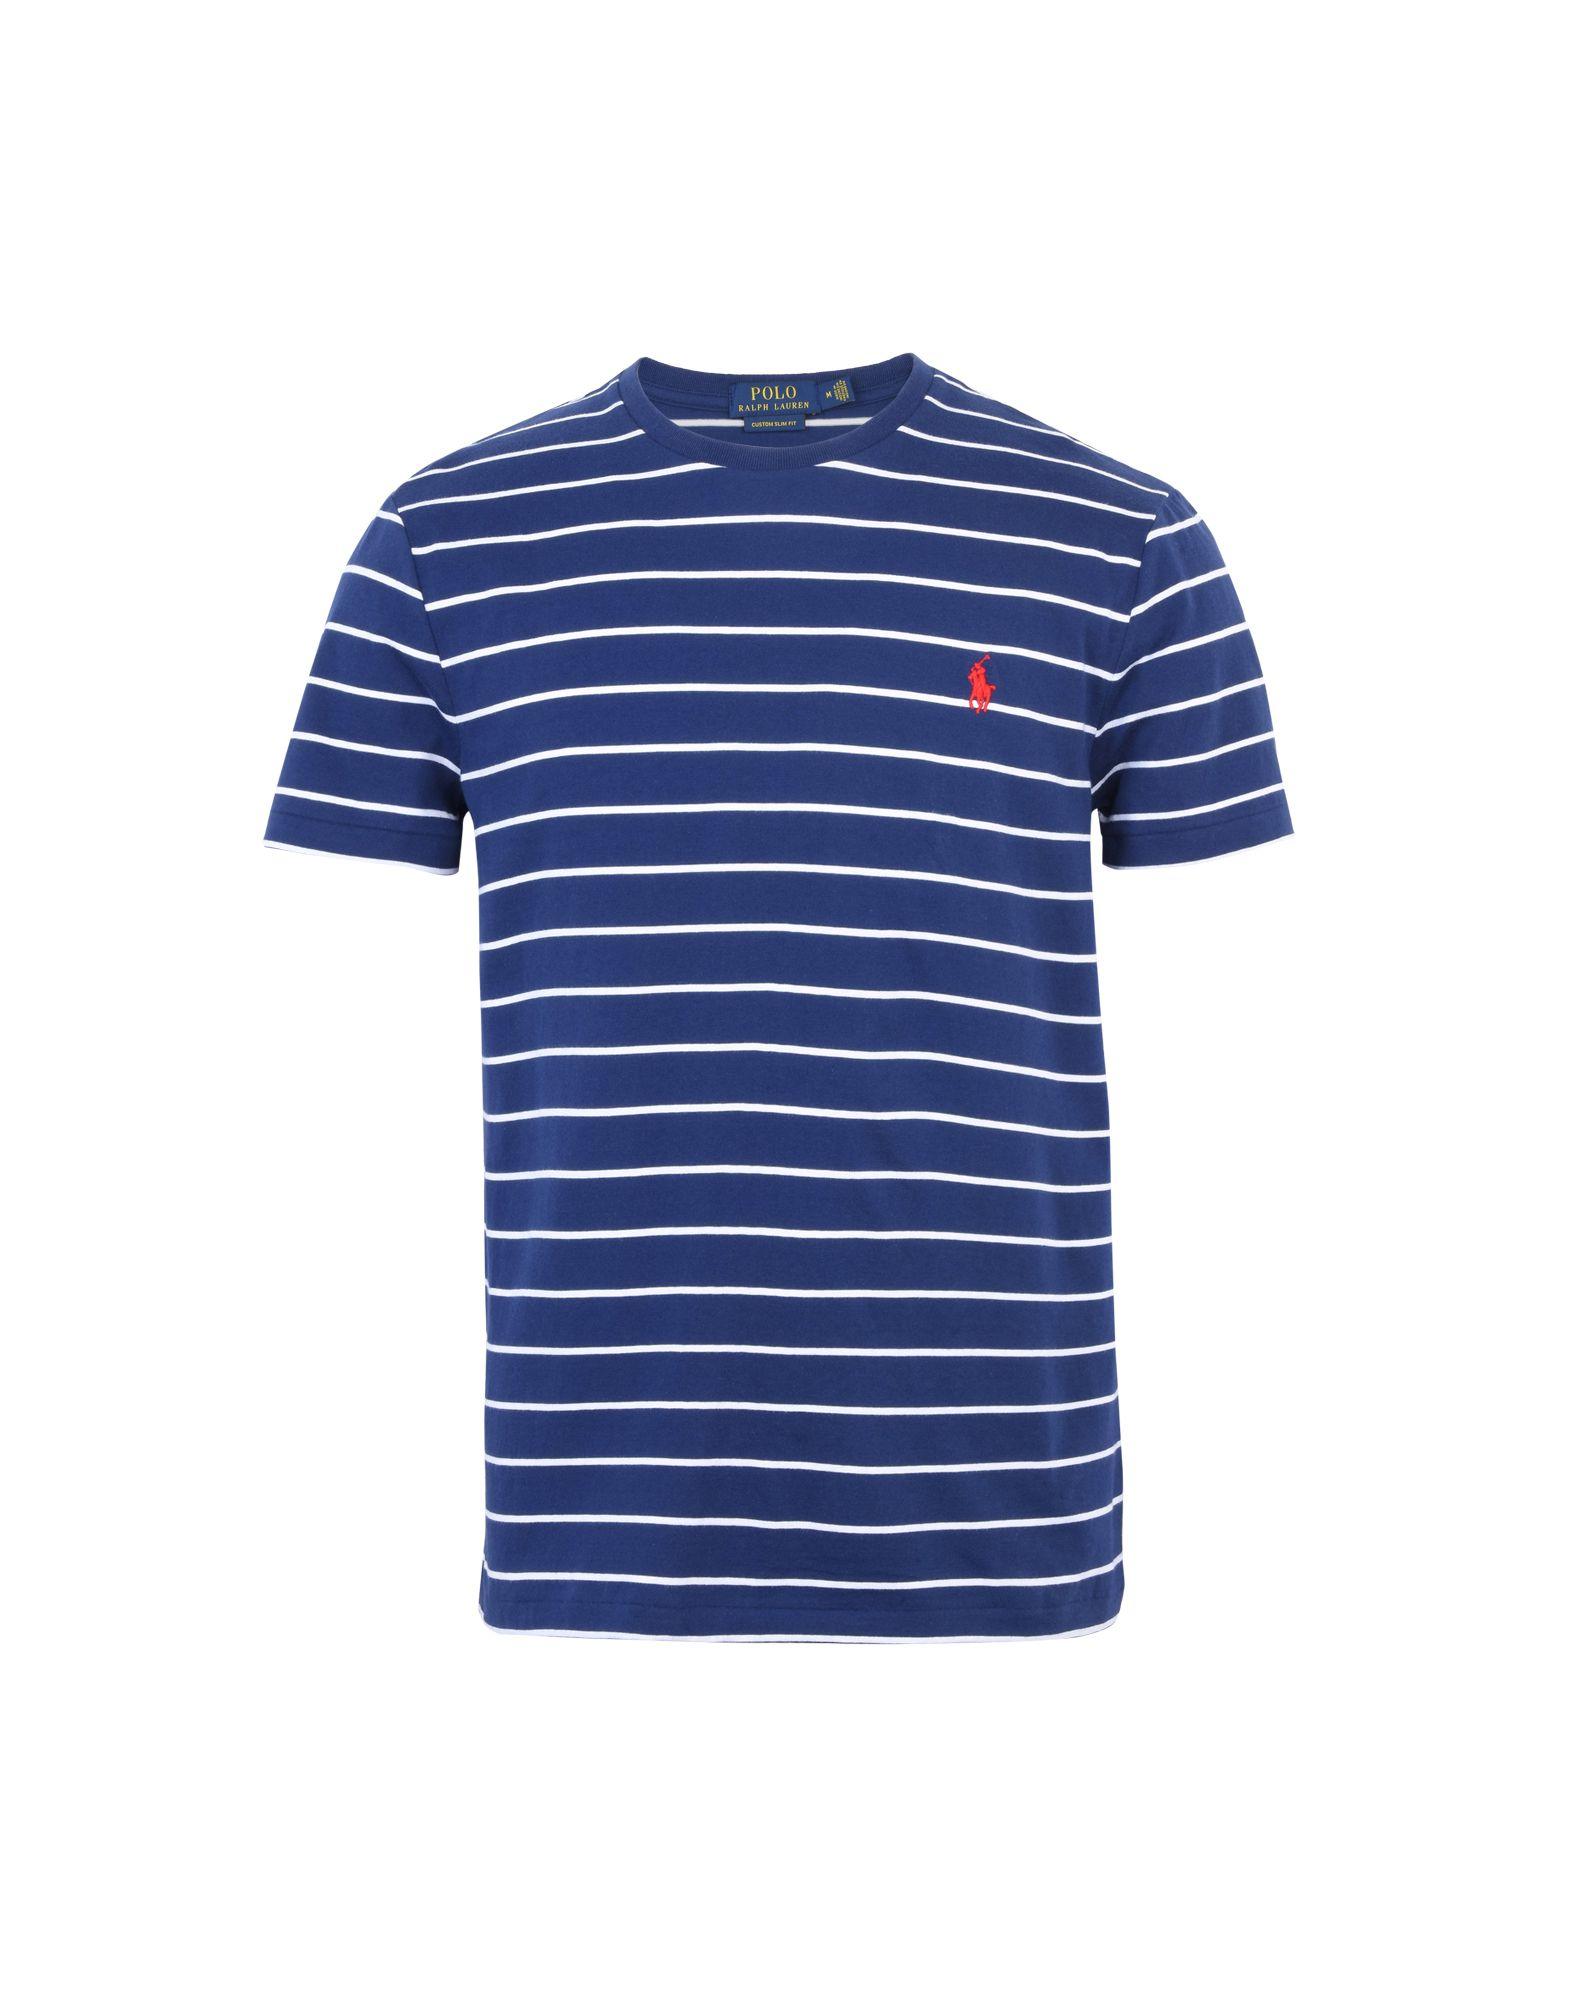 《送料無料》POLO RALPH LAUREN メンズ T シャツ ダークブルー XL コットン 100% Custom Fit T shirt